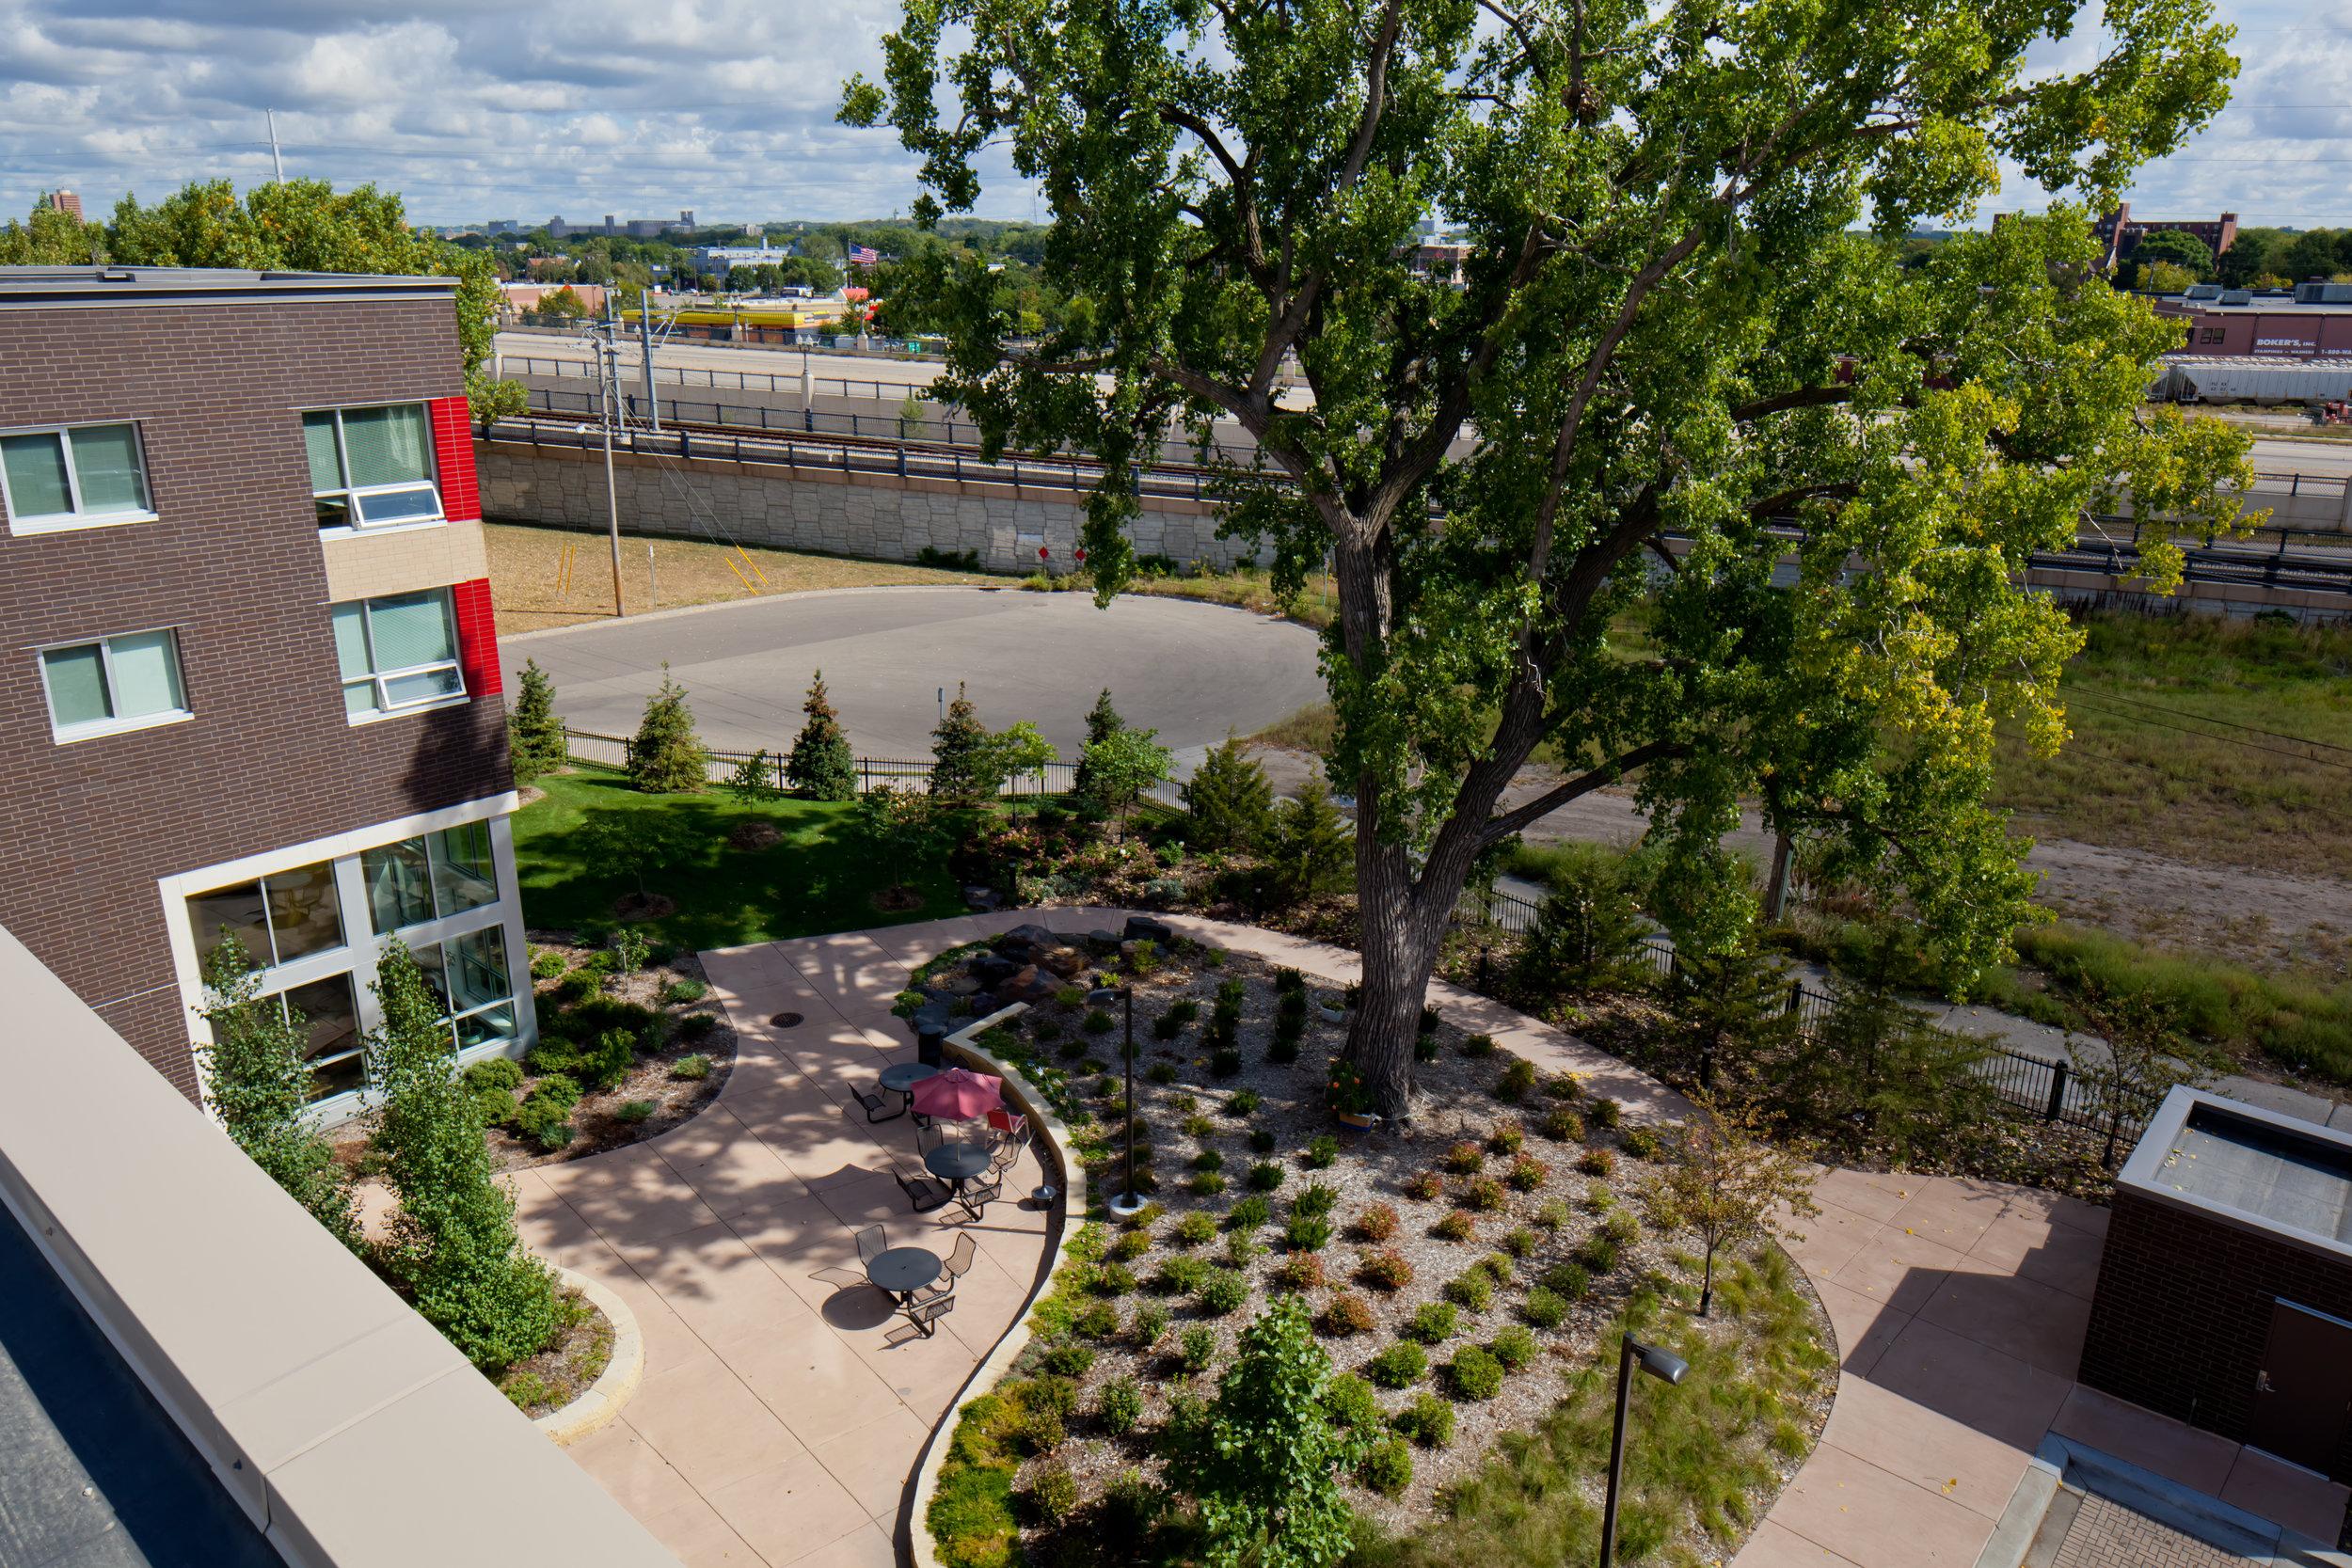 0747-ext-roof-courtyard.jpg